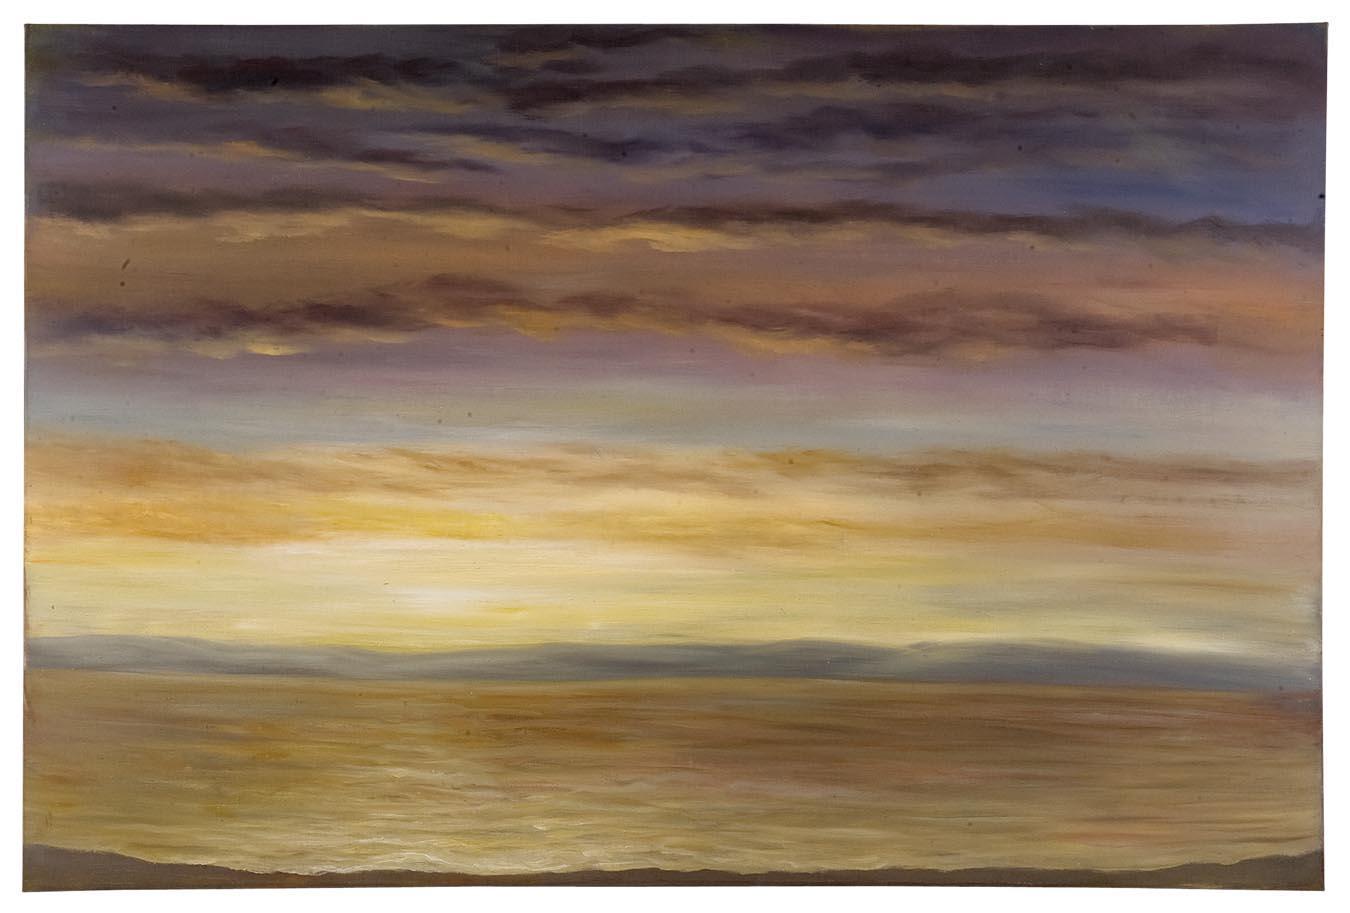 Uttermost Art Spacious Skies - Item Number: 32201